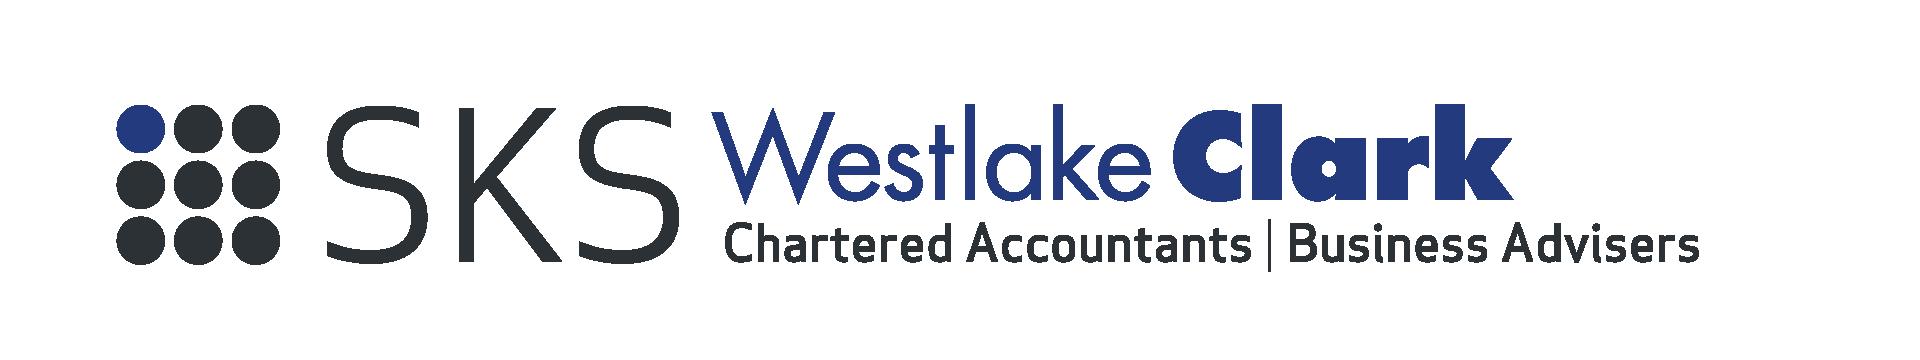 SKS_Brands_v9_SKS_WestlakeClarke